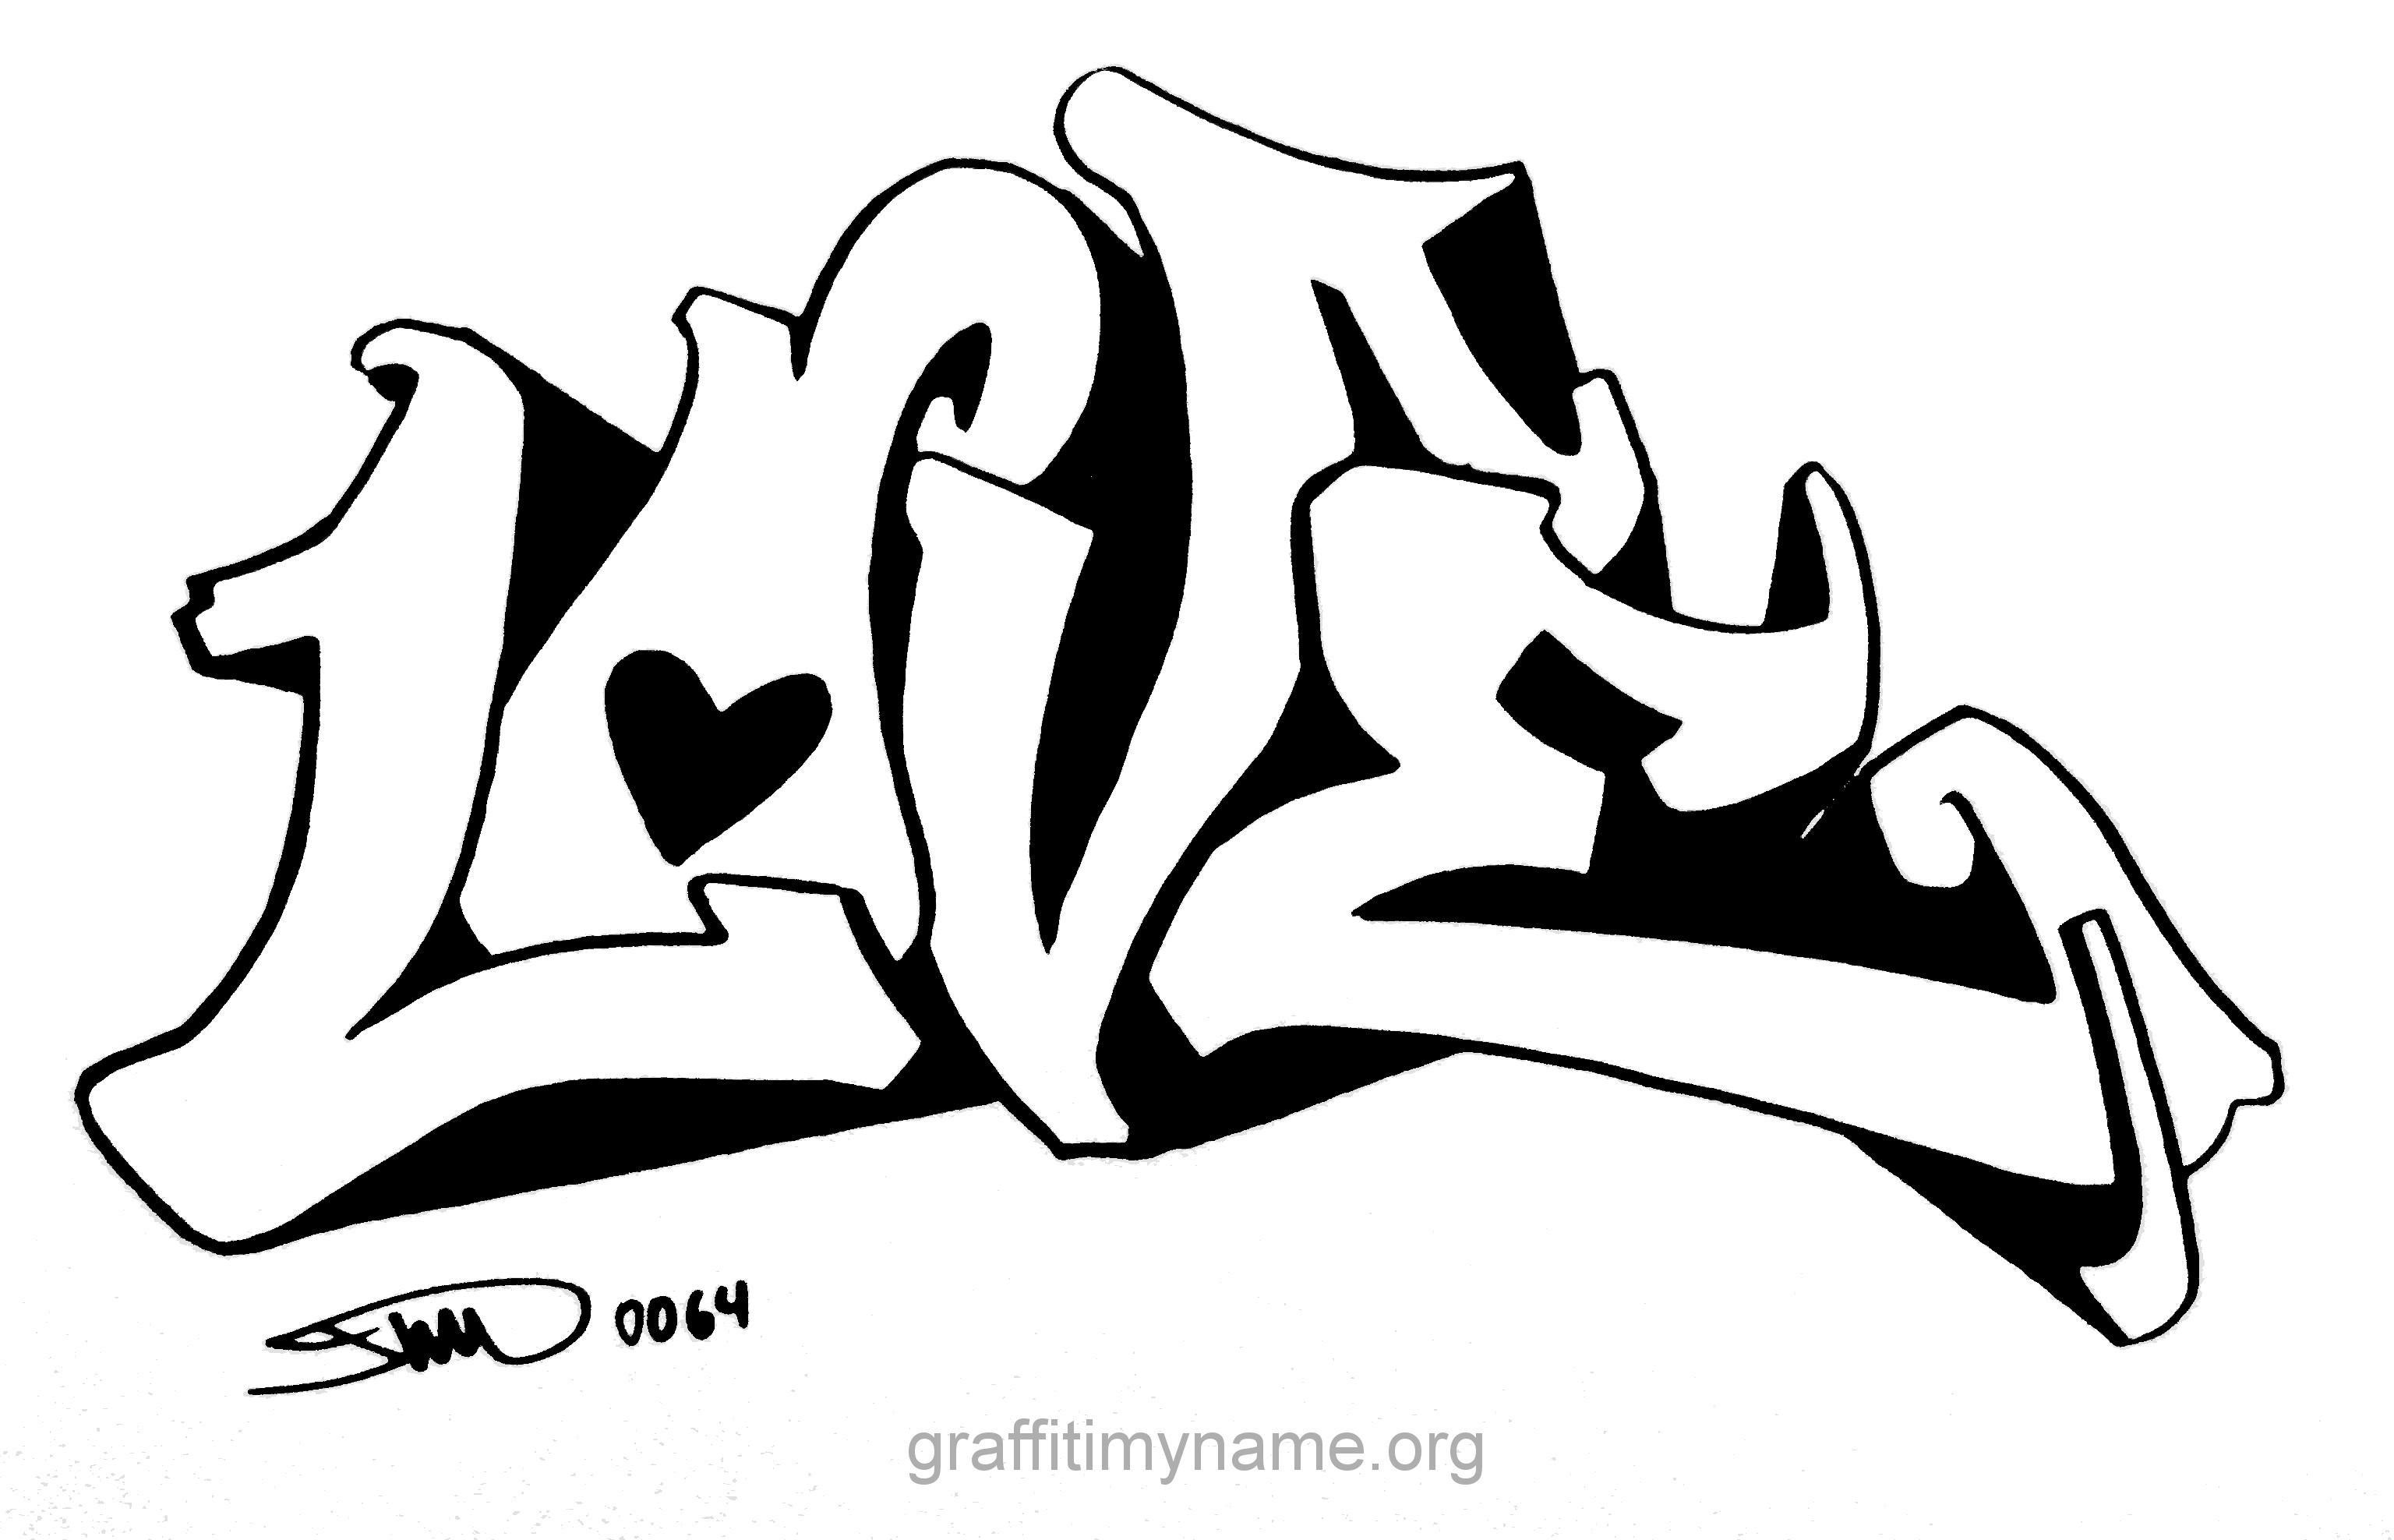 Malvorlagen Graffiti Love Malvorlagencr